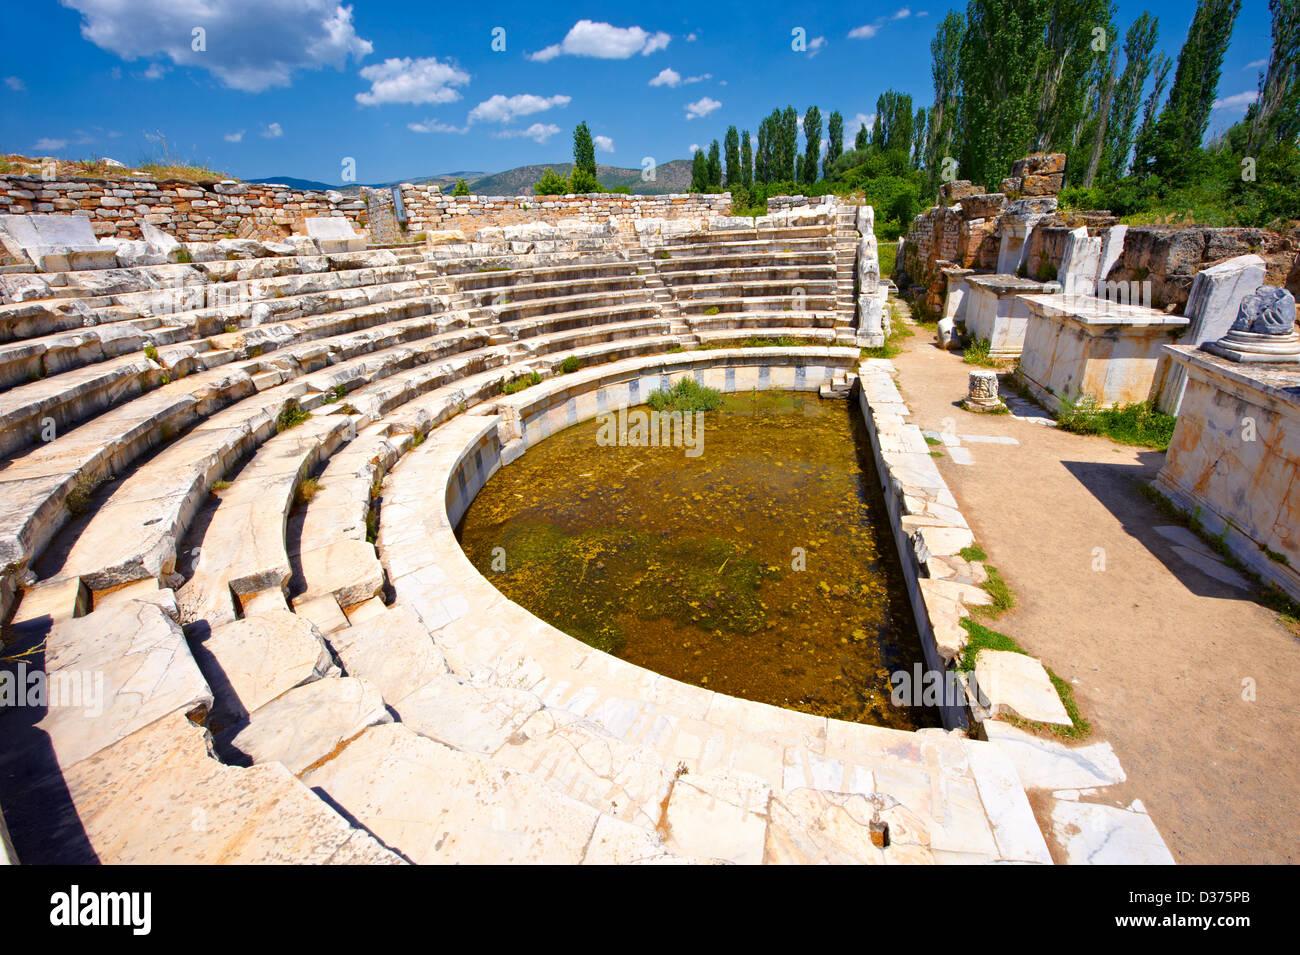 Roman Odeon Theatre of Aphrodisias Archaeological site, Turkey - Stock Image